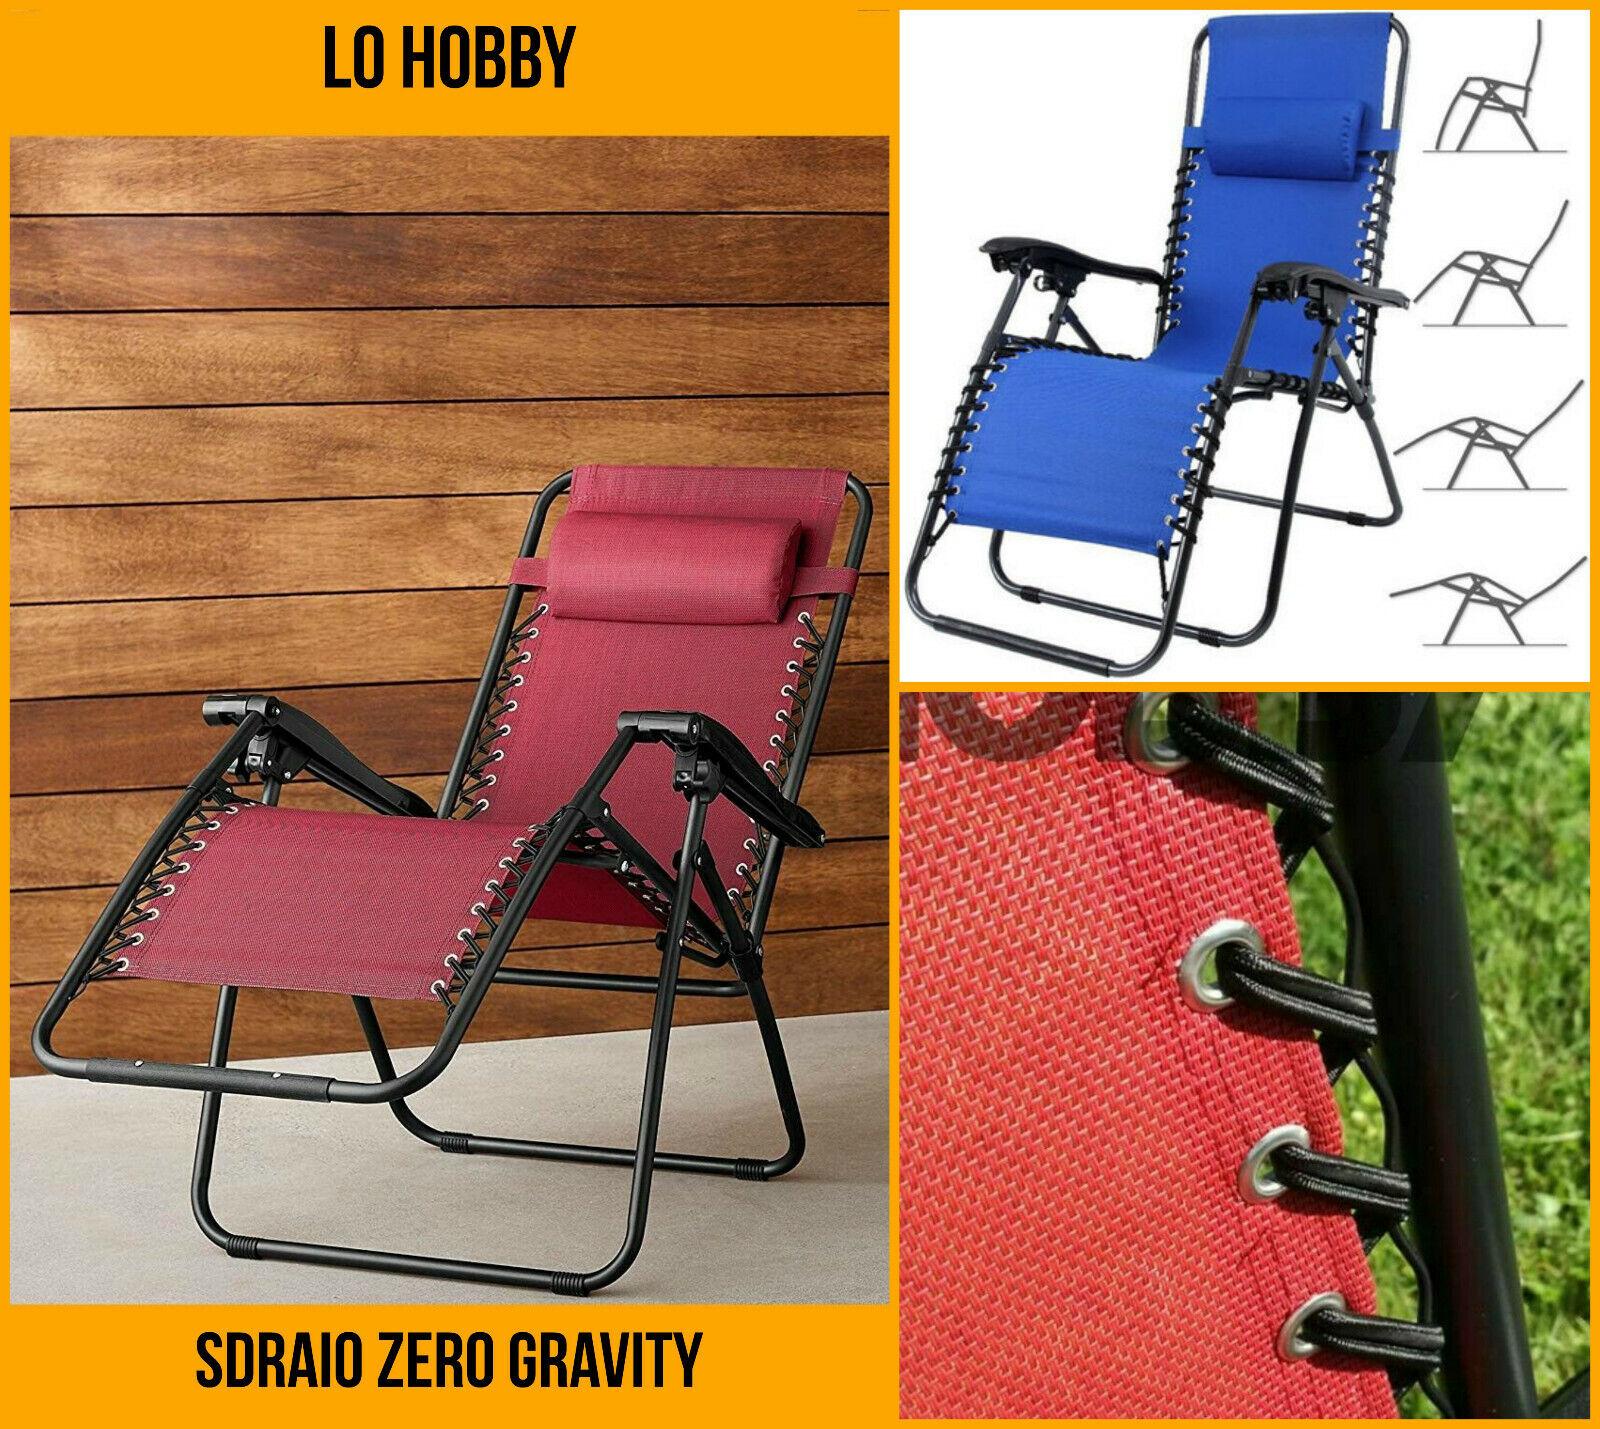 Rossa Sedia//Sdraio//Lettino reclinabile con poggiapiedi Zero Gravity